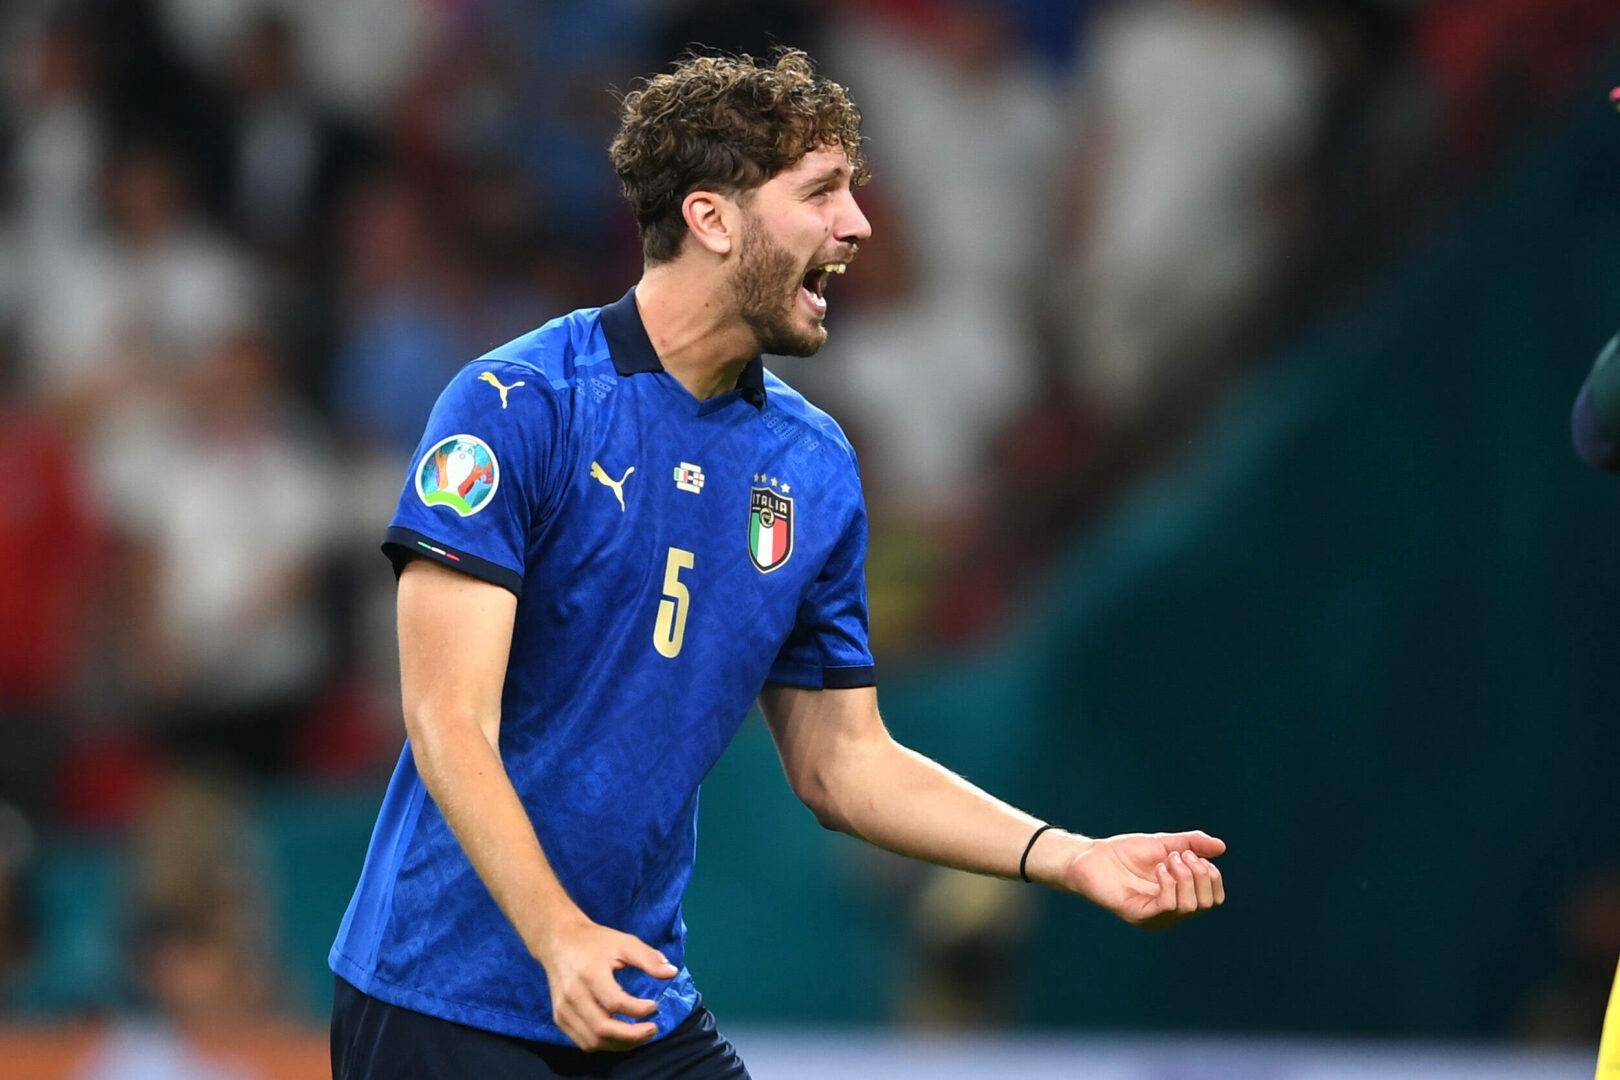 Manuel Locatelli im Dress der italienischen Nationalmannschaft